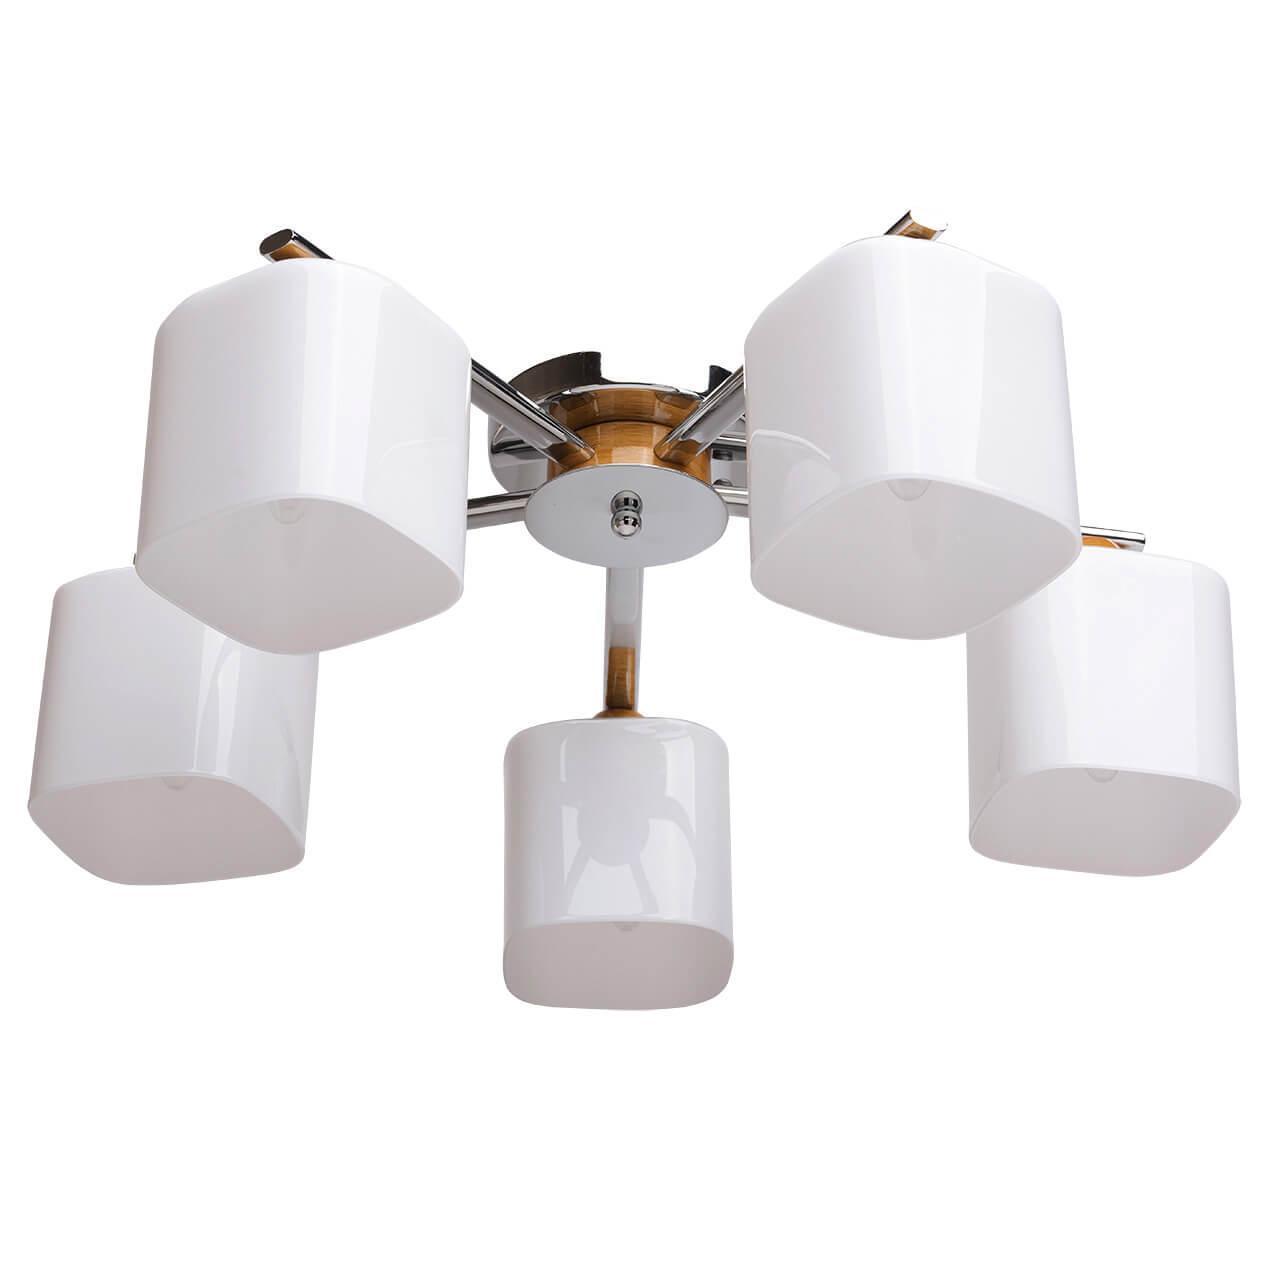 Потолочный светильник De Markt 364013605, E27, 60 Вт